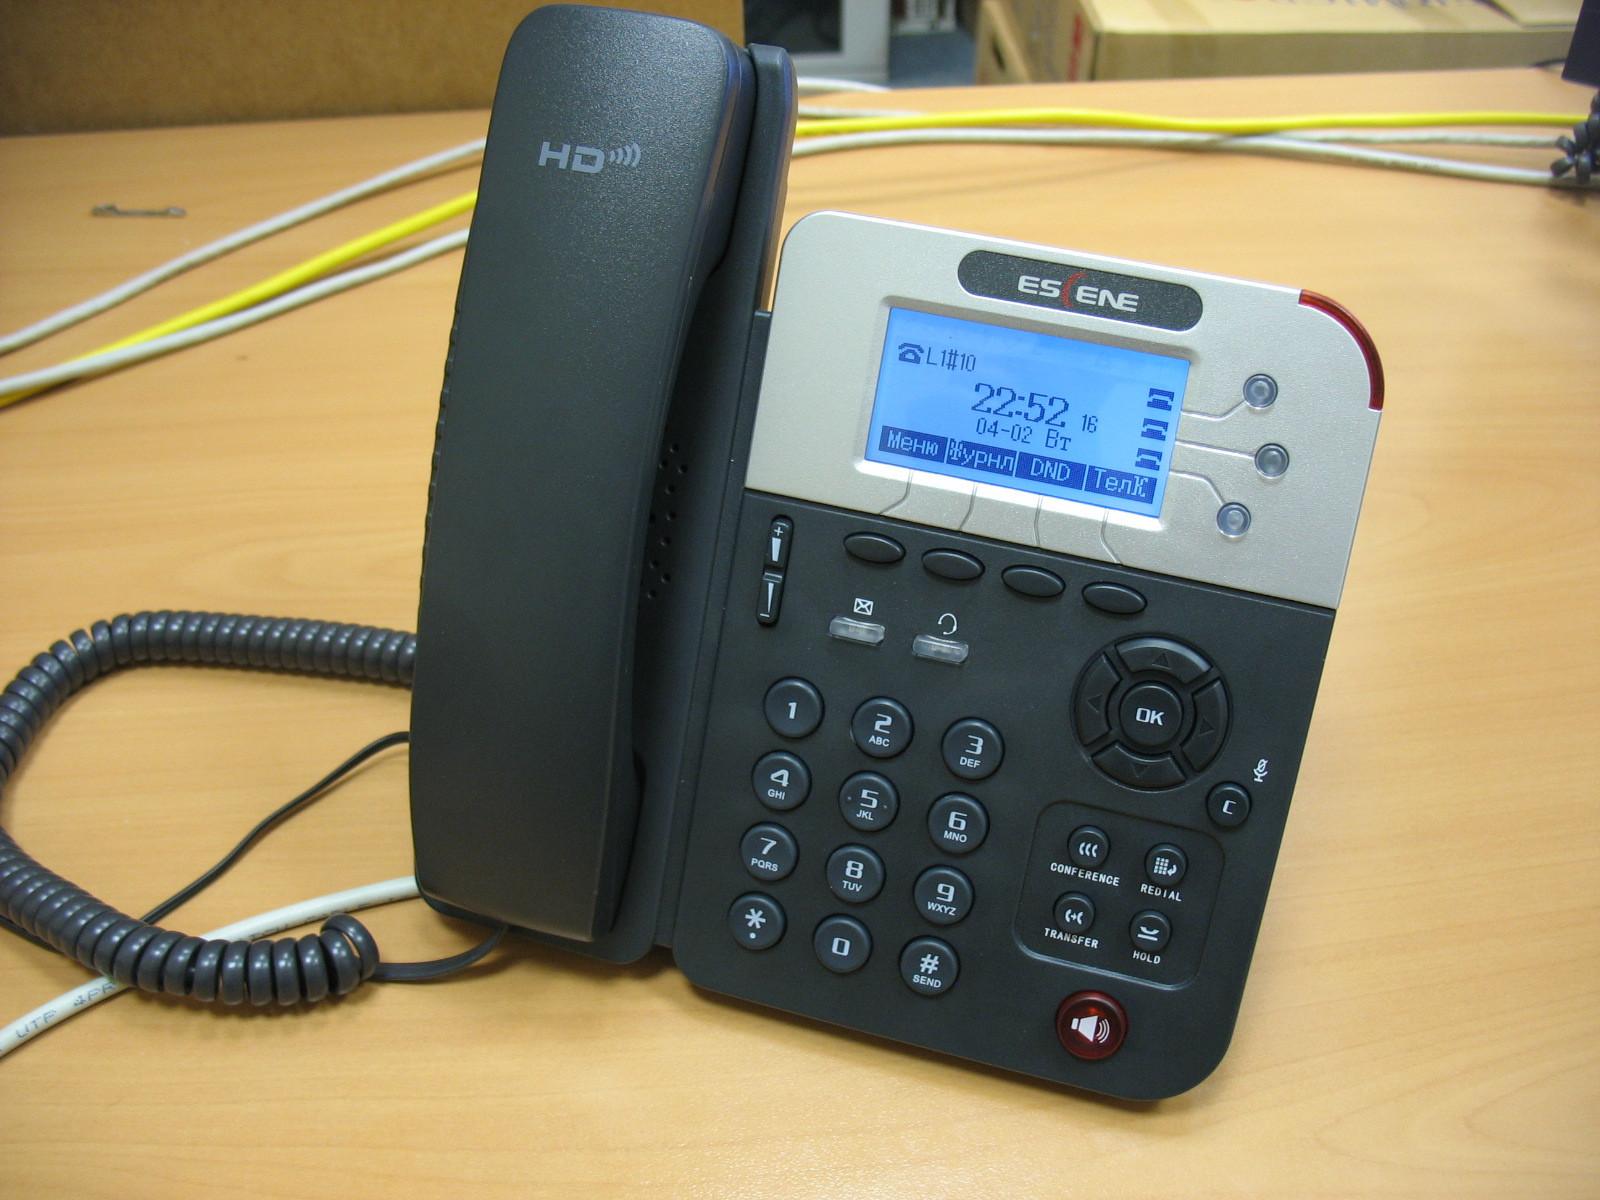 Вид телефона на столе.